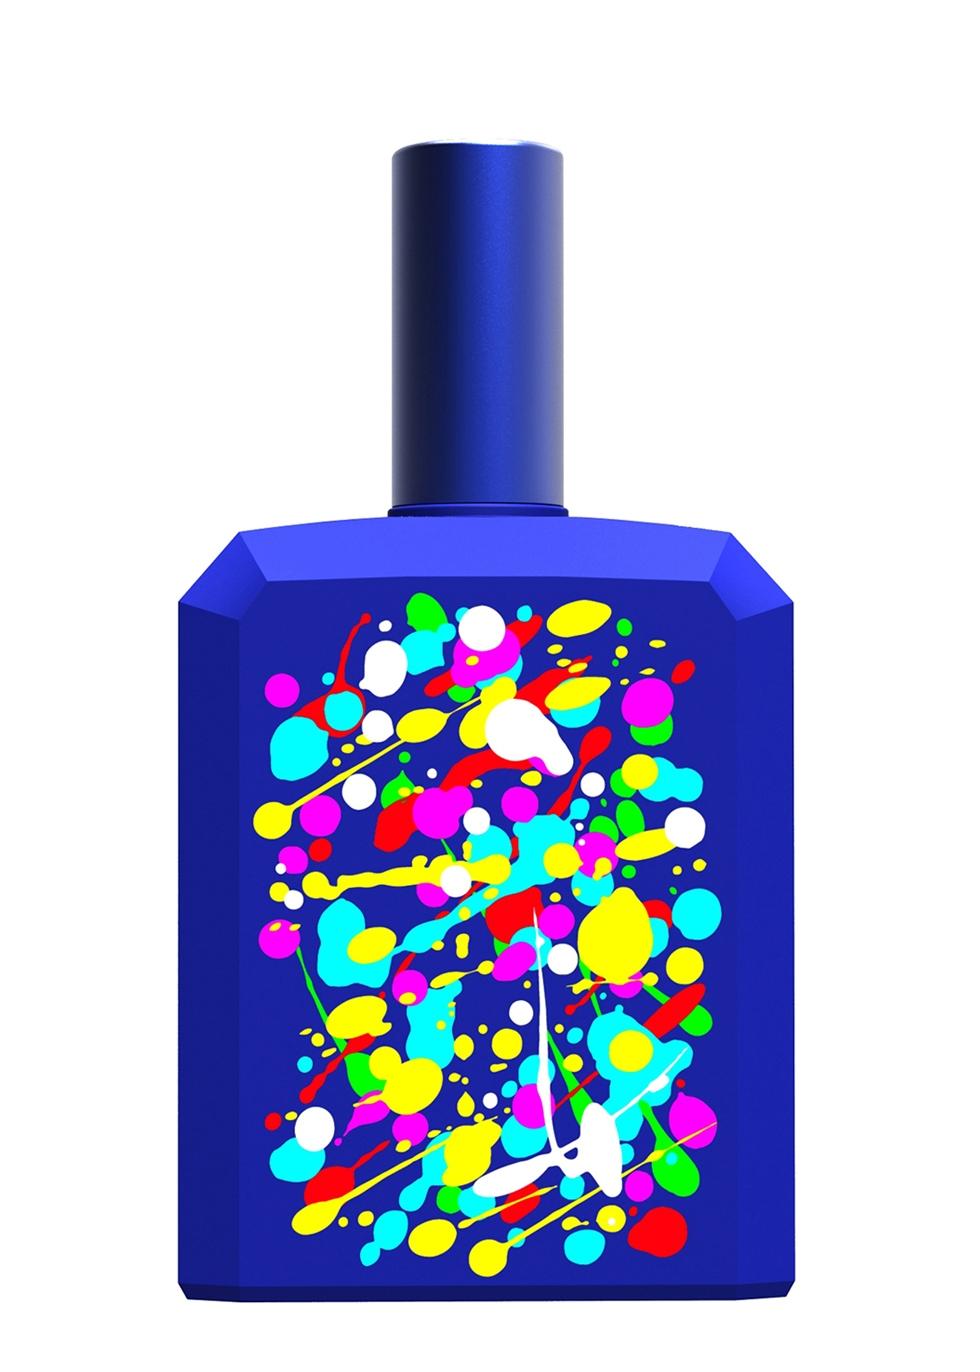 This Is Not A Blue Bottle 1.2 120ml - Histoires de Parfums